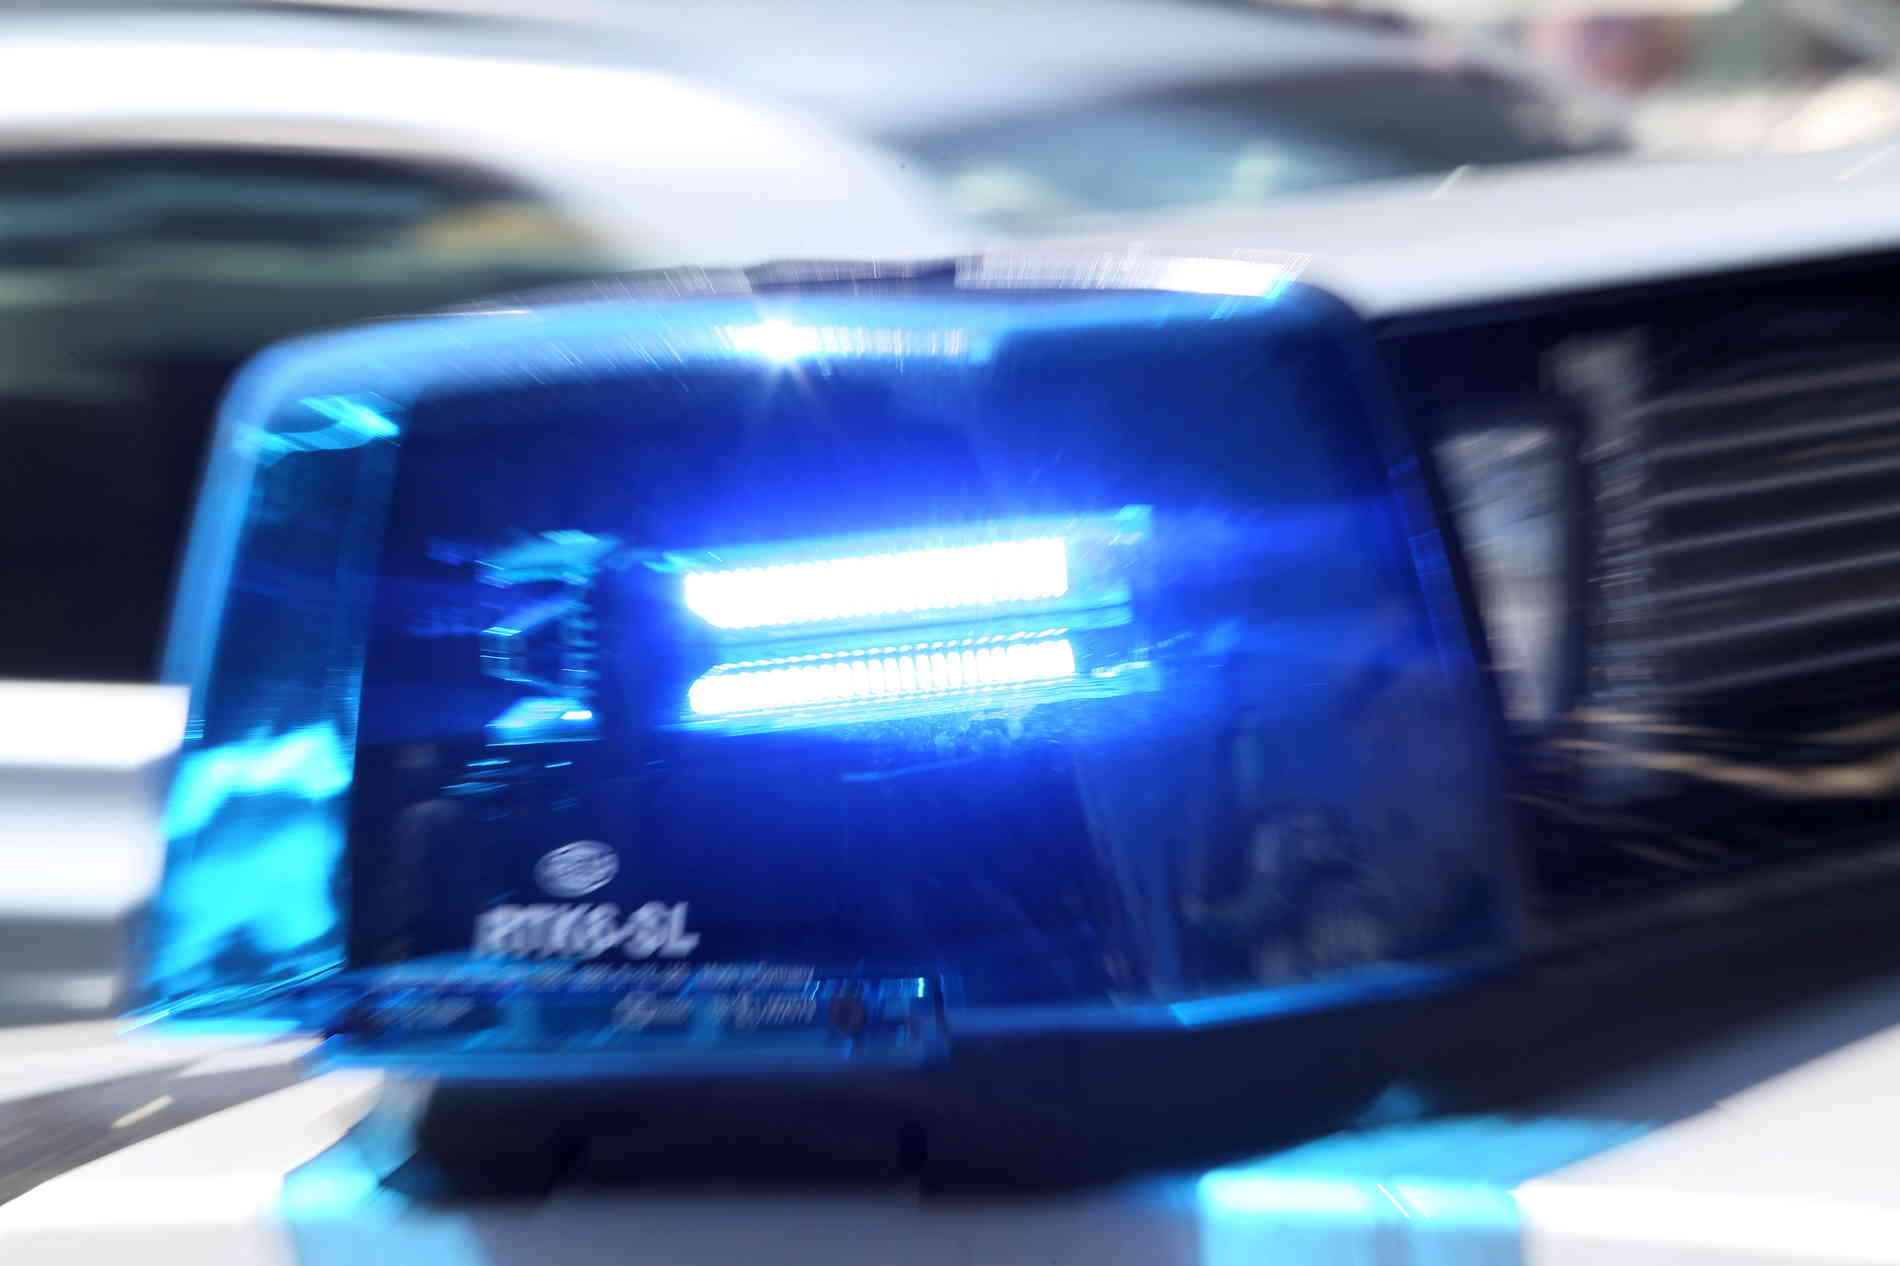 Angriff Streit In Solinger Freibad Großfamilie Geht Auf 17 Jährige Los